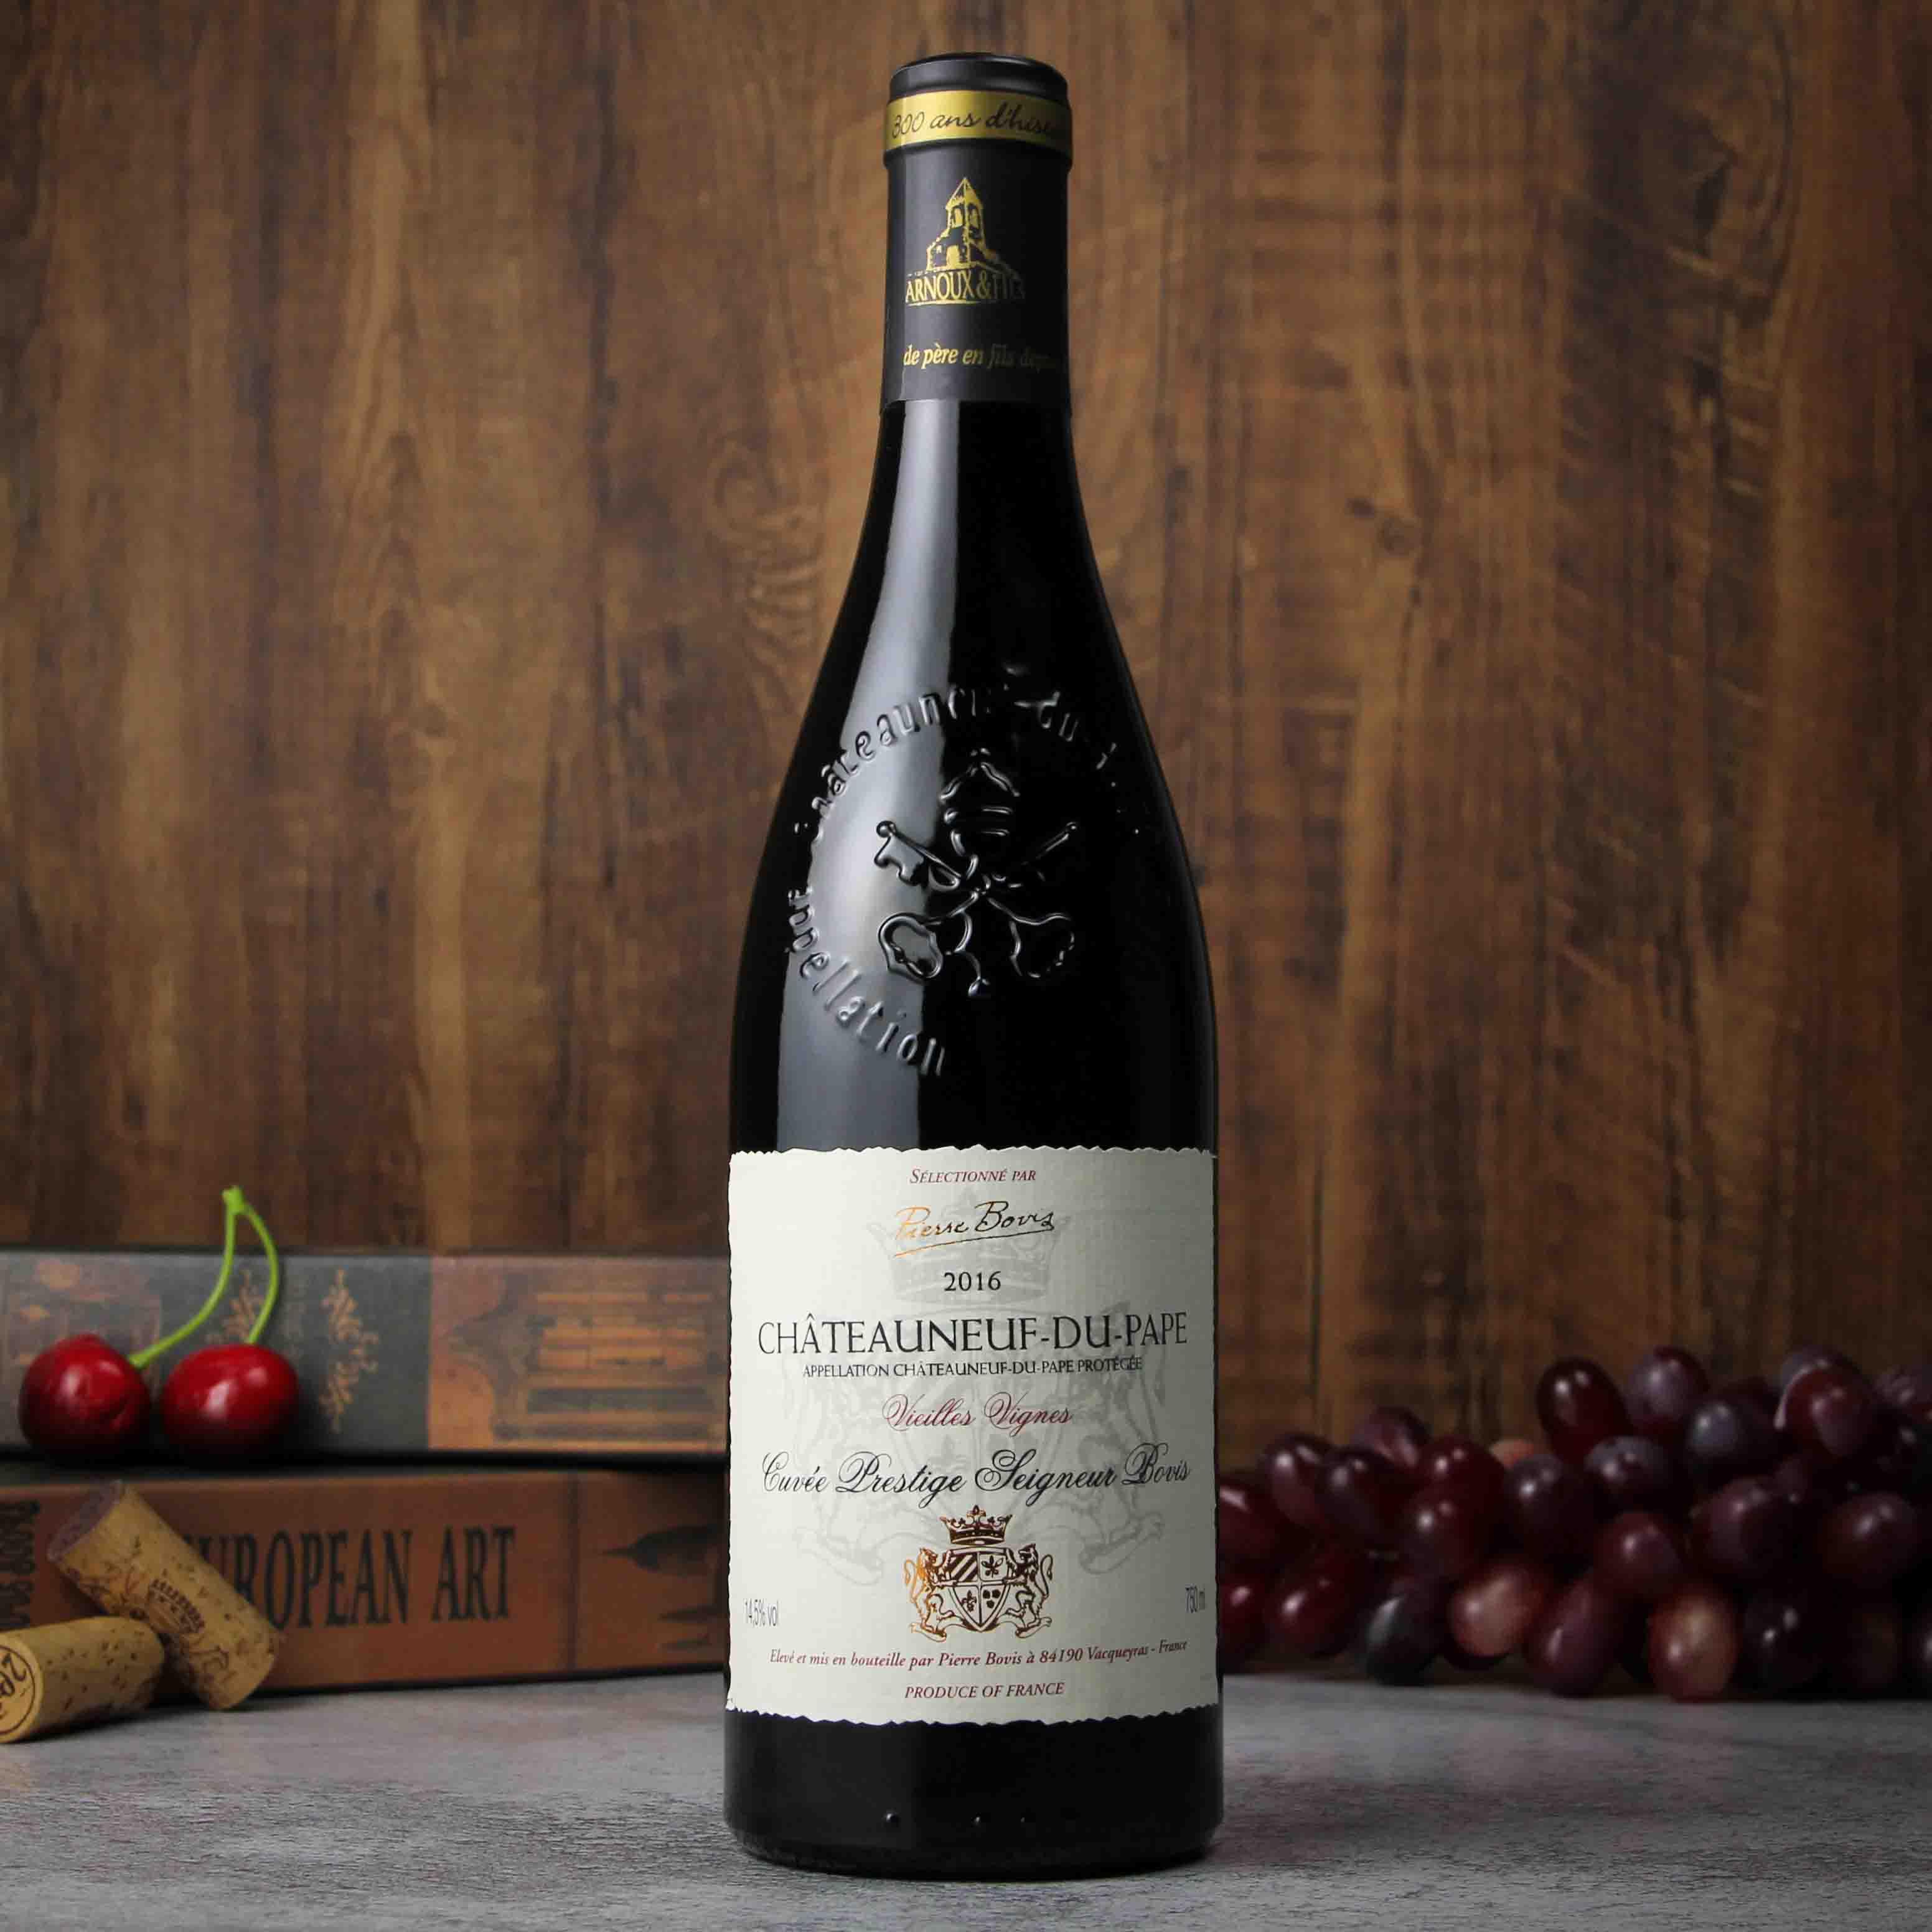 法国教皇新堡陈酿干红葡萄酒